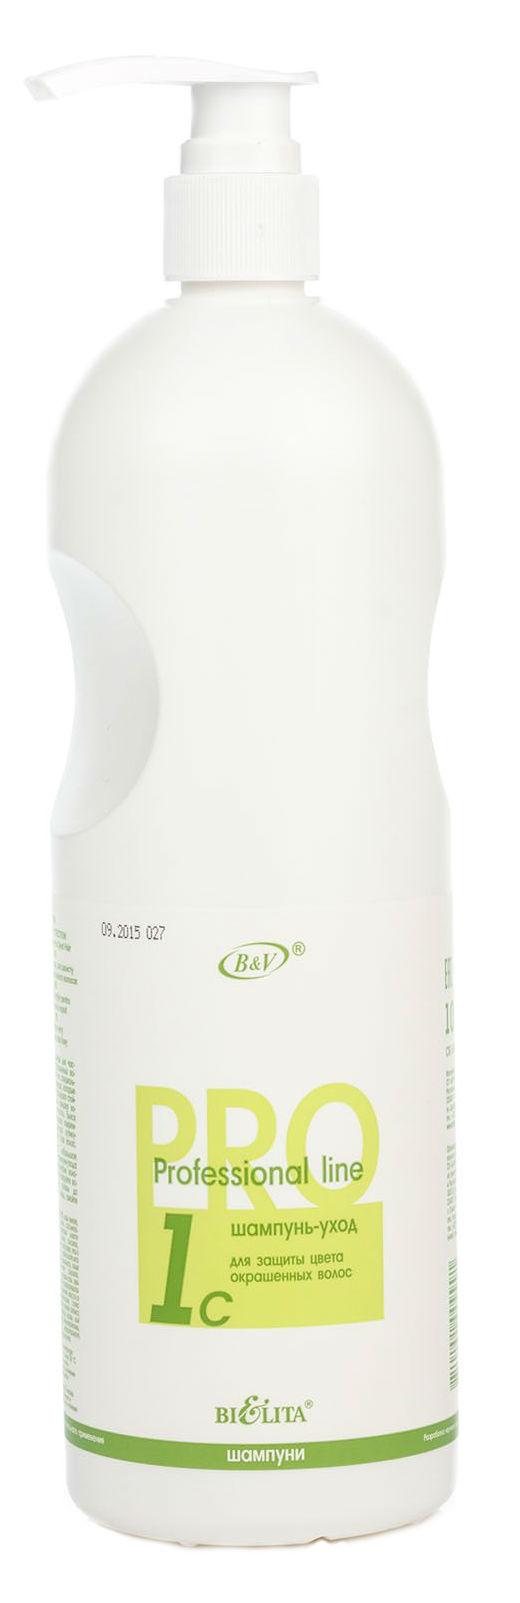 Шампунь Белита Крем-уход для защиты цвета окрашенных волос 1 л